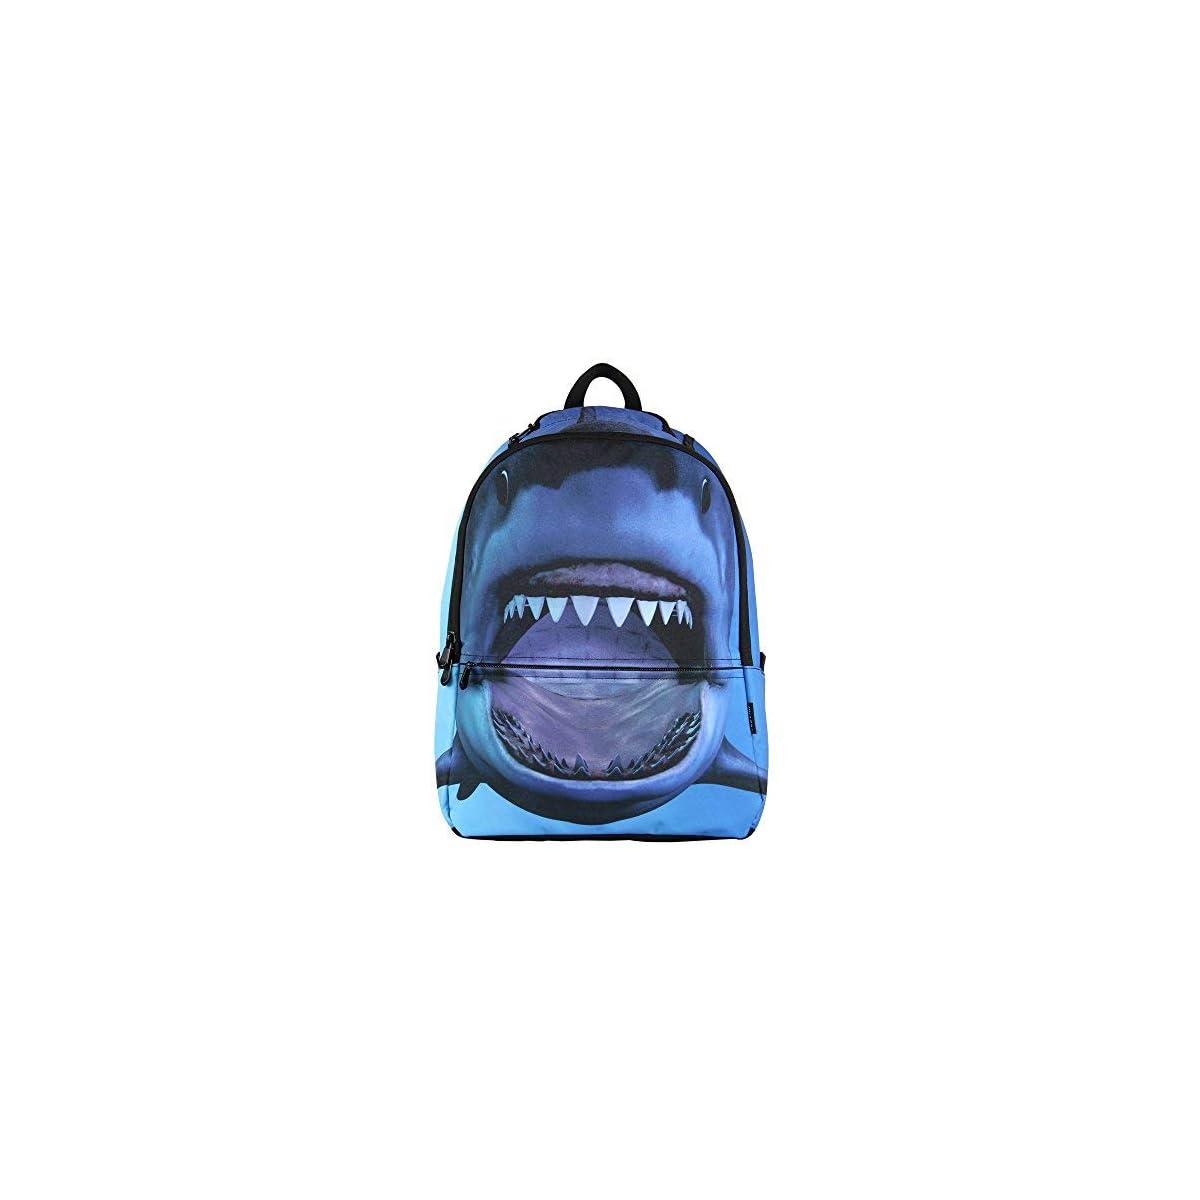 51HpzzmdLfL. SS1200  - Veevan Mochila Escolar de Poliéster con un Dibujo de Animal